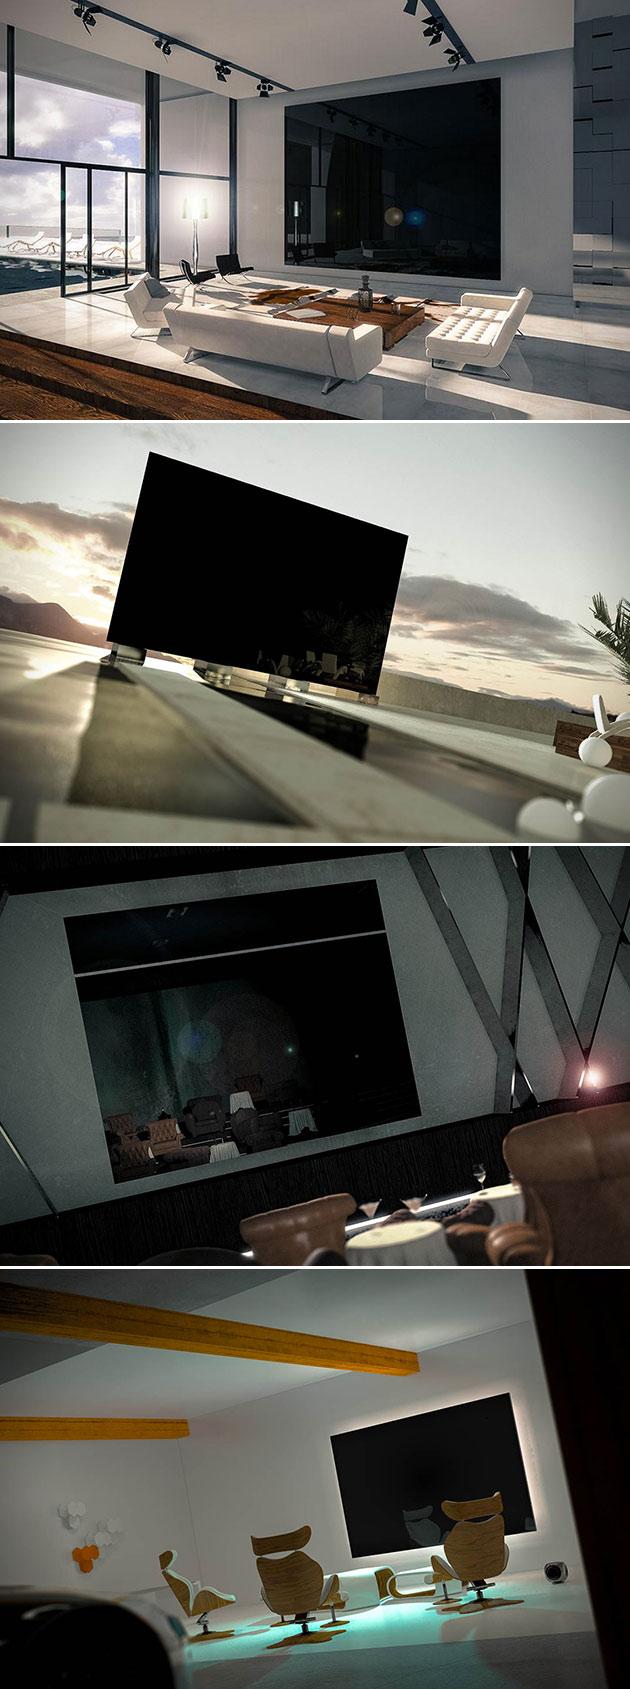 Zeus 370-inch 4K TV